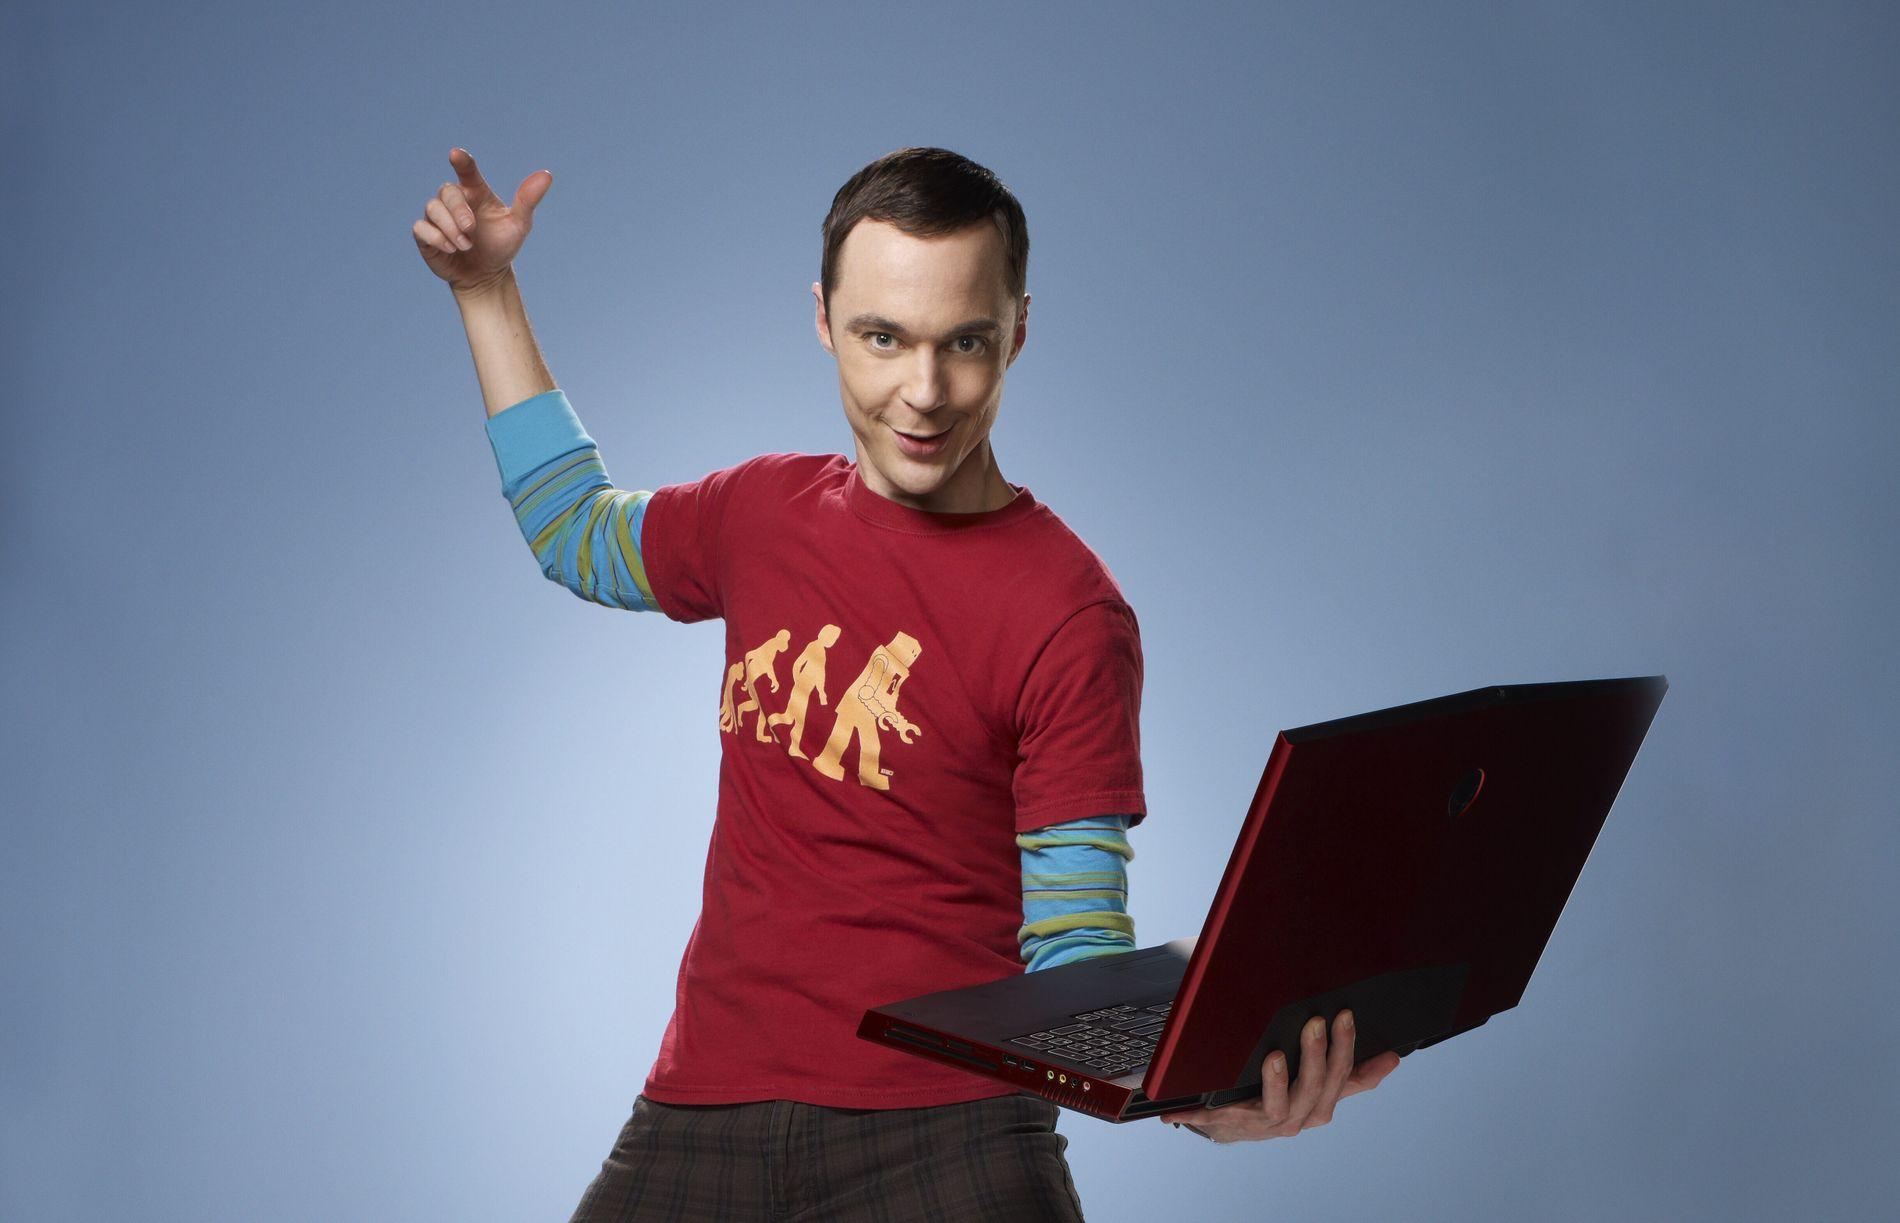 SISTE SESONG: Den 12. sesongen blir den siste Jim Parons og de andre nerdene i «Big Bang Theory». Da har det vært produsert og vist hele 279 episoder av den populære TV-serien.